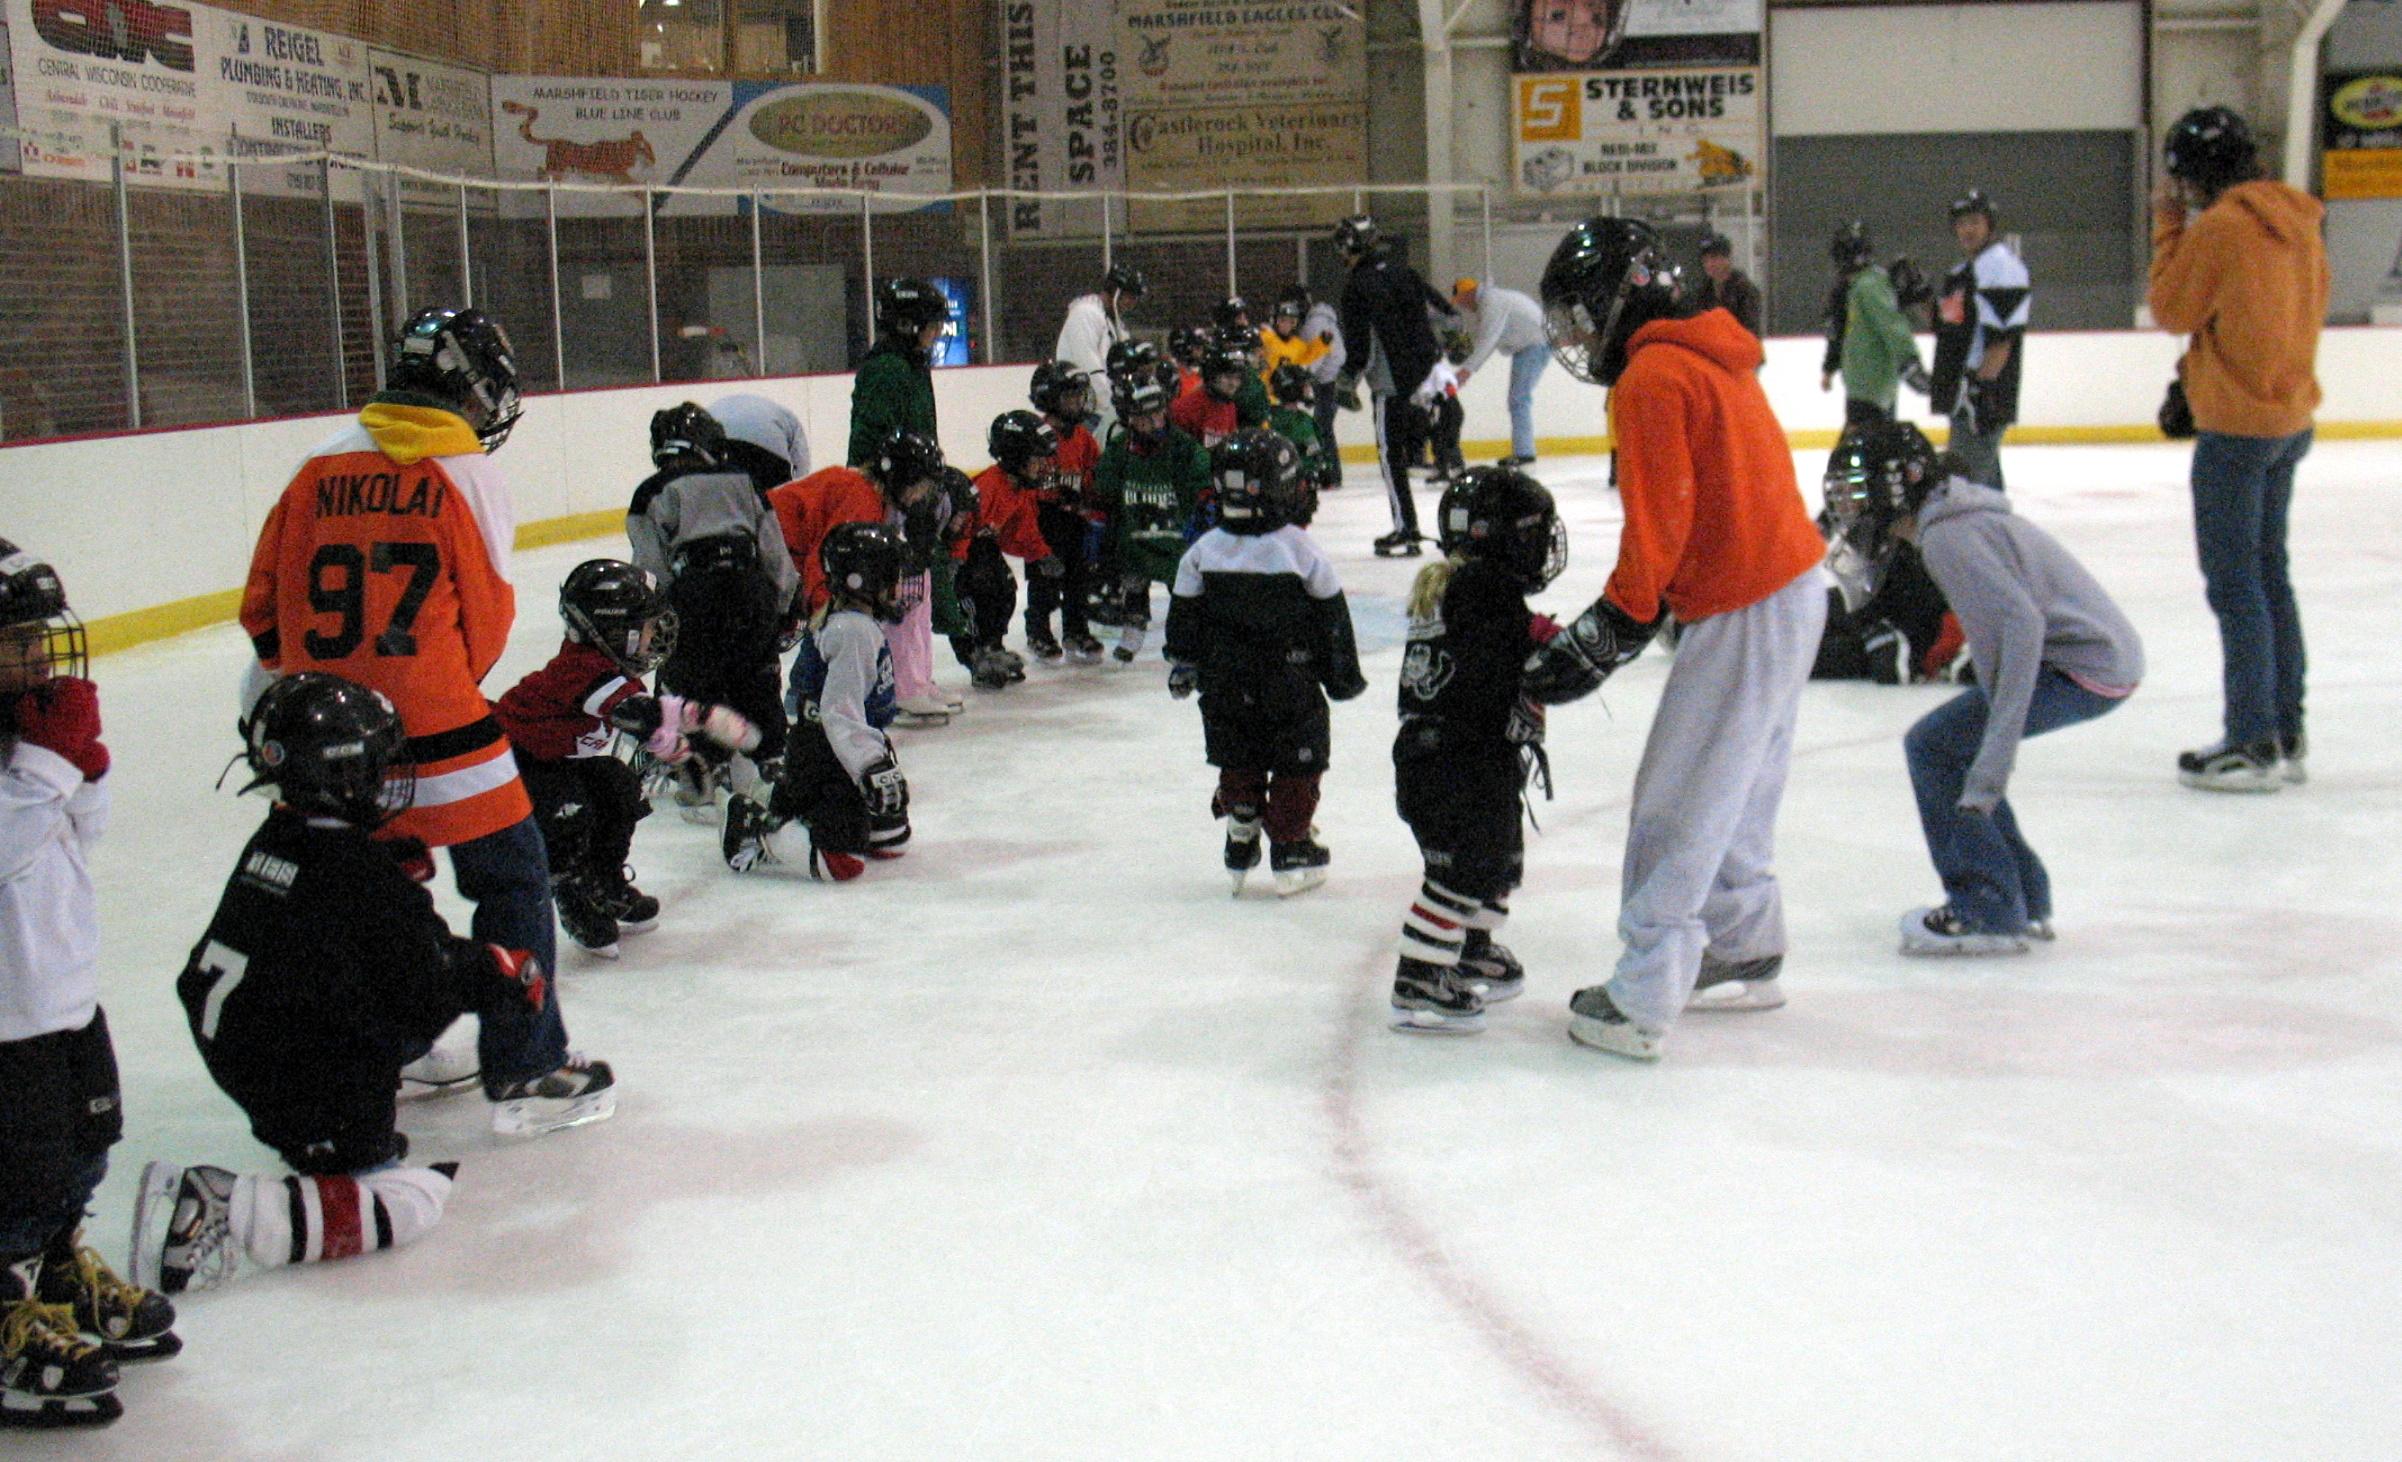 syhockey.org - Stoneham Youth Hockey